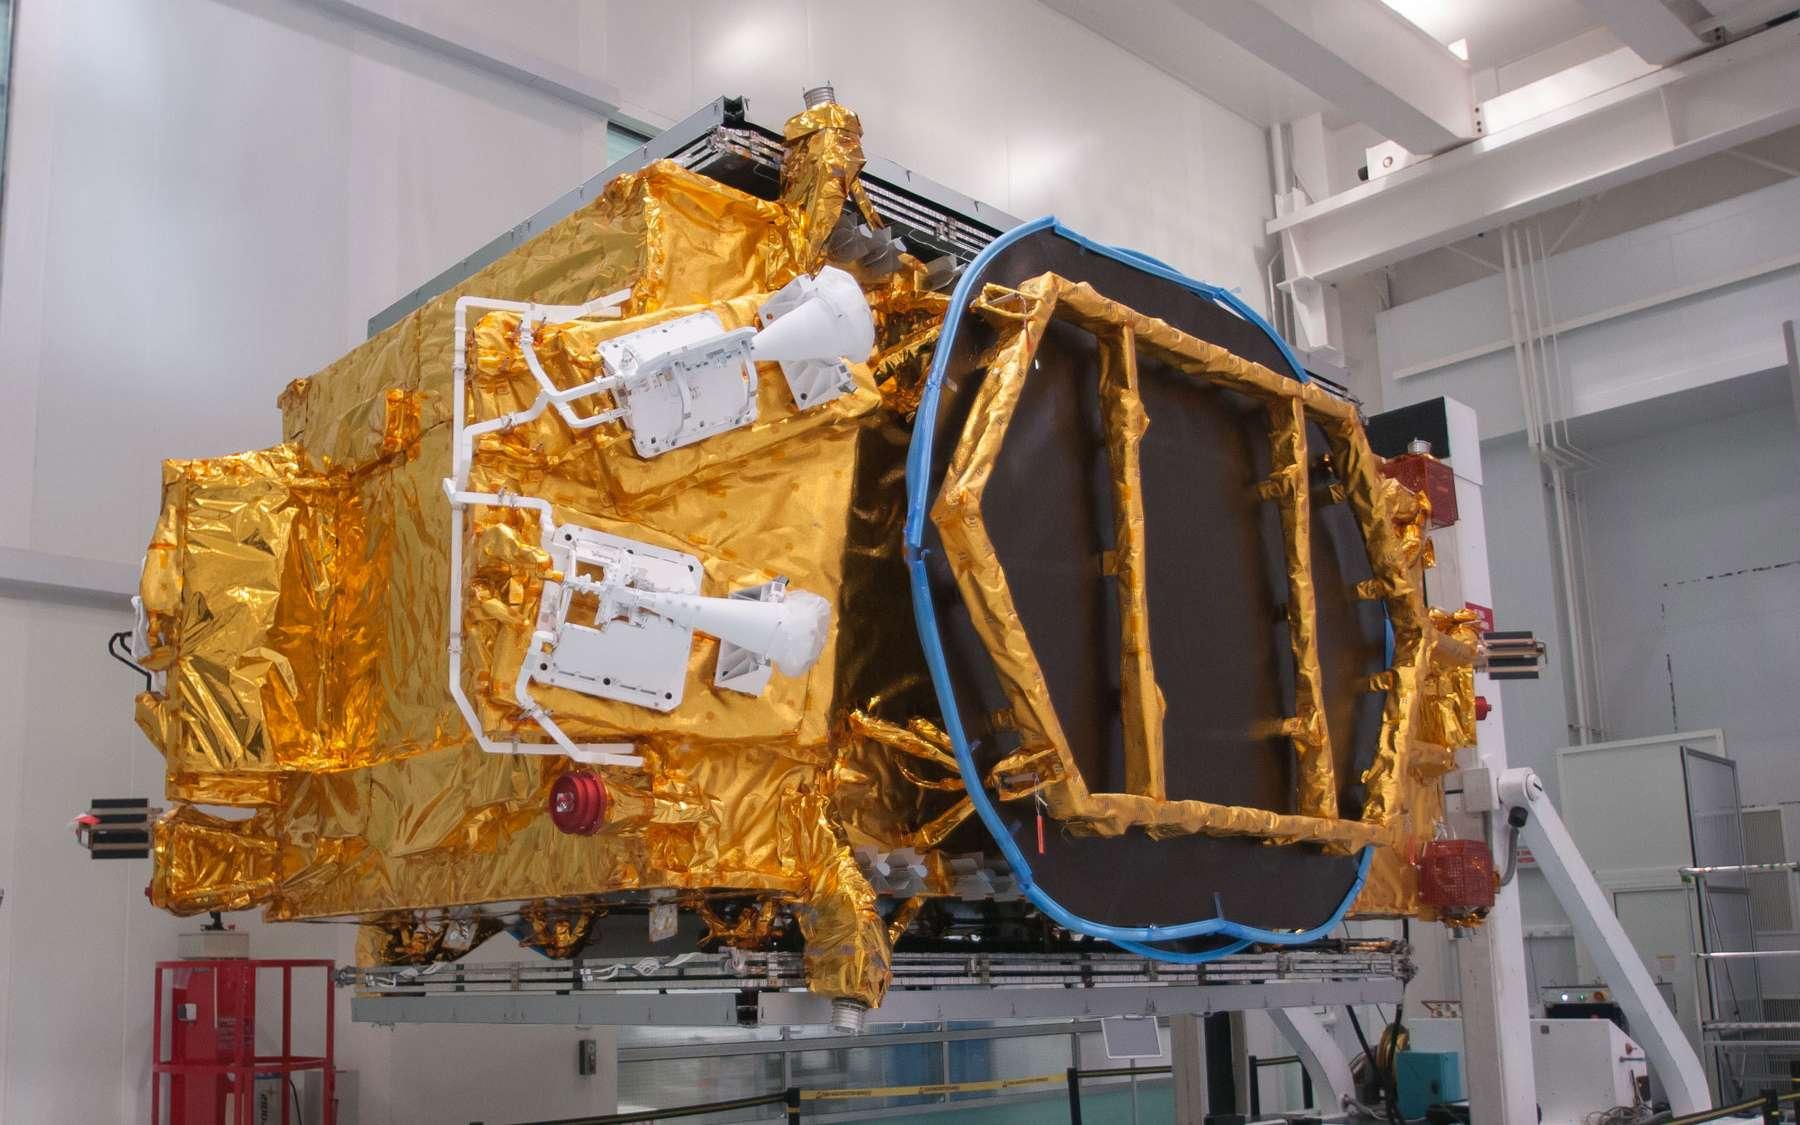 Le satellite TurkmenAlem52E/MonacoSAT, premier satellite du Turkménistan, a été construit dans l'usine cannoise de Thales Alenia Space. © Rémy Decourt